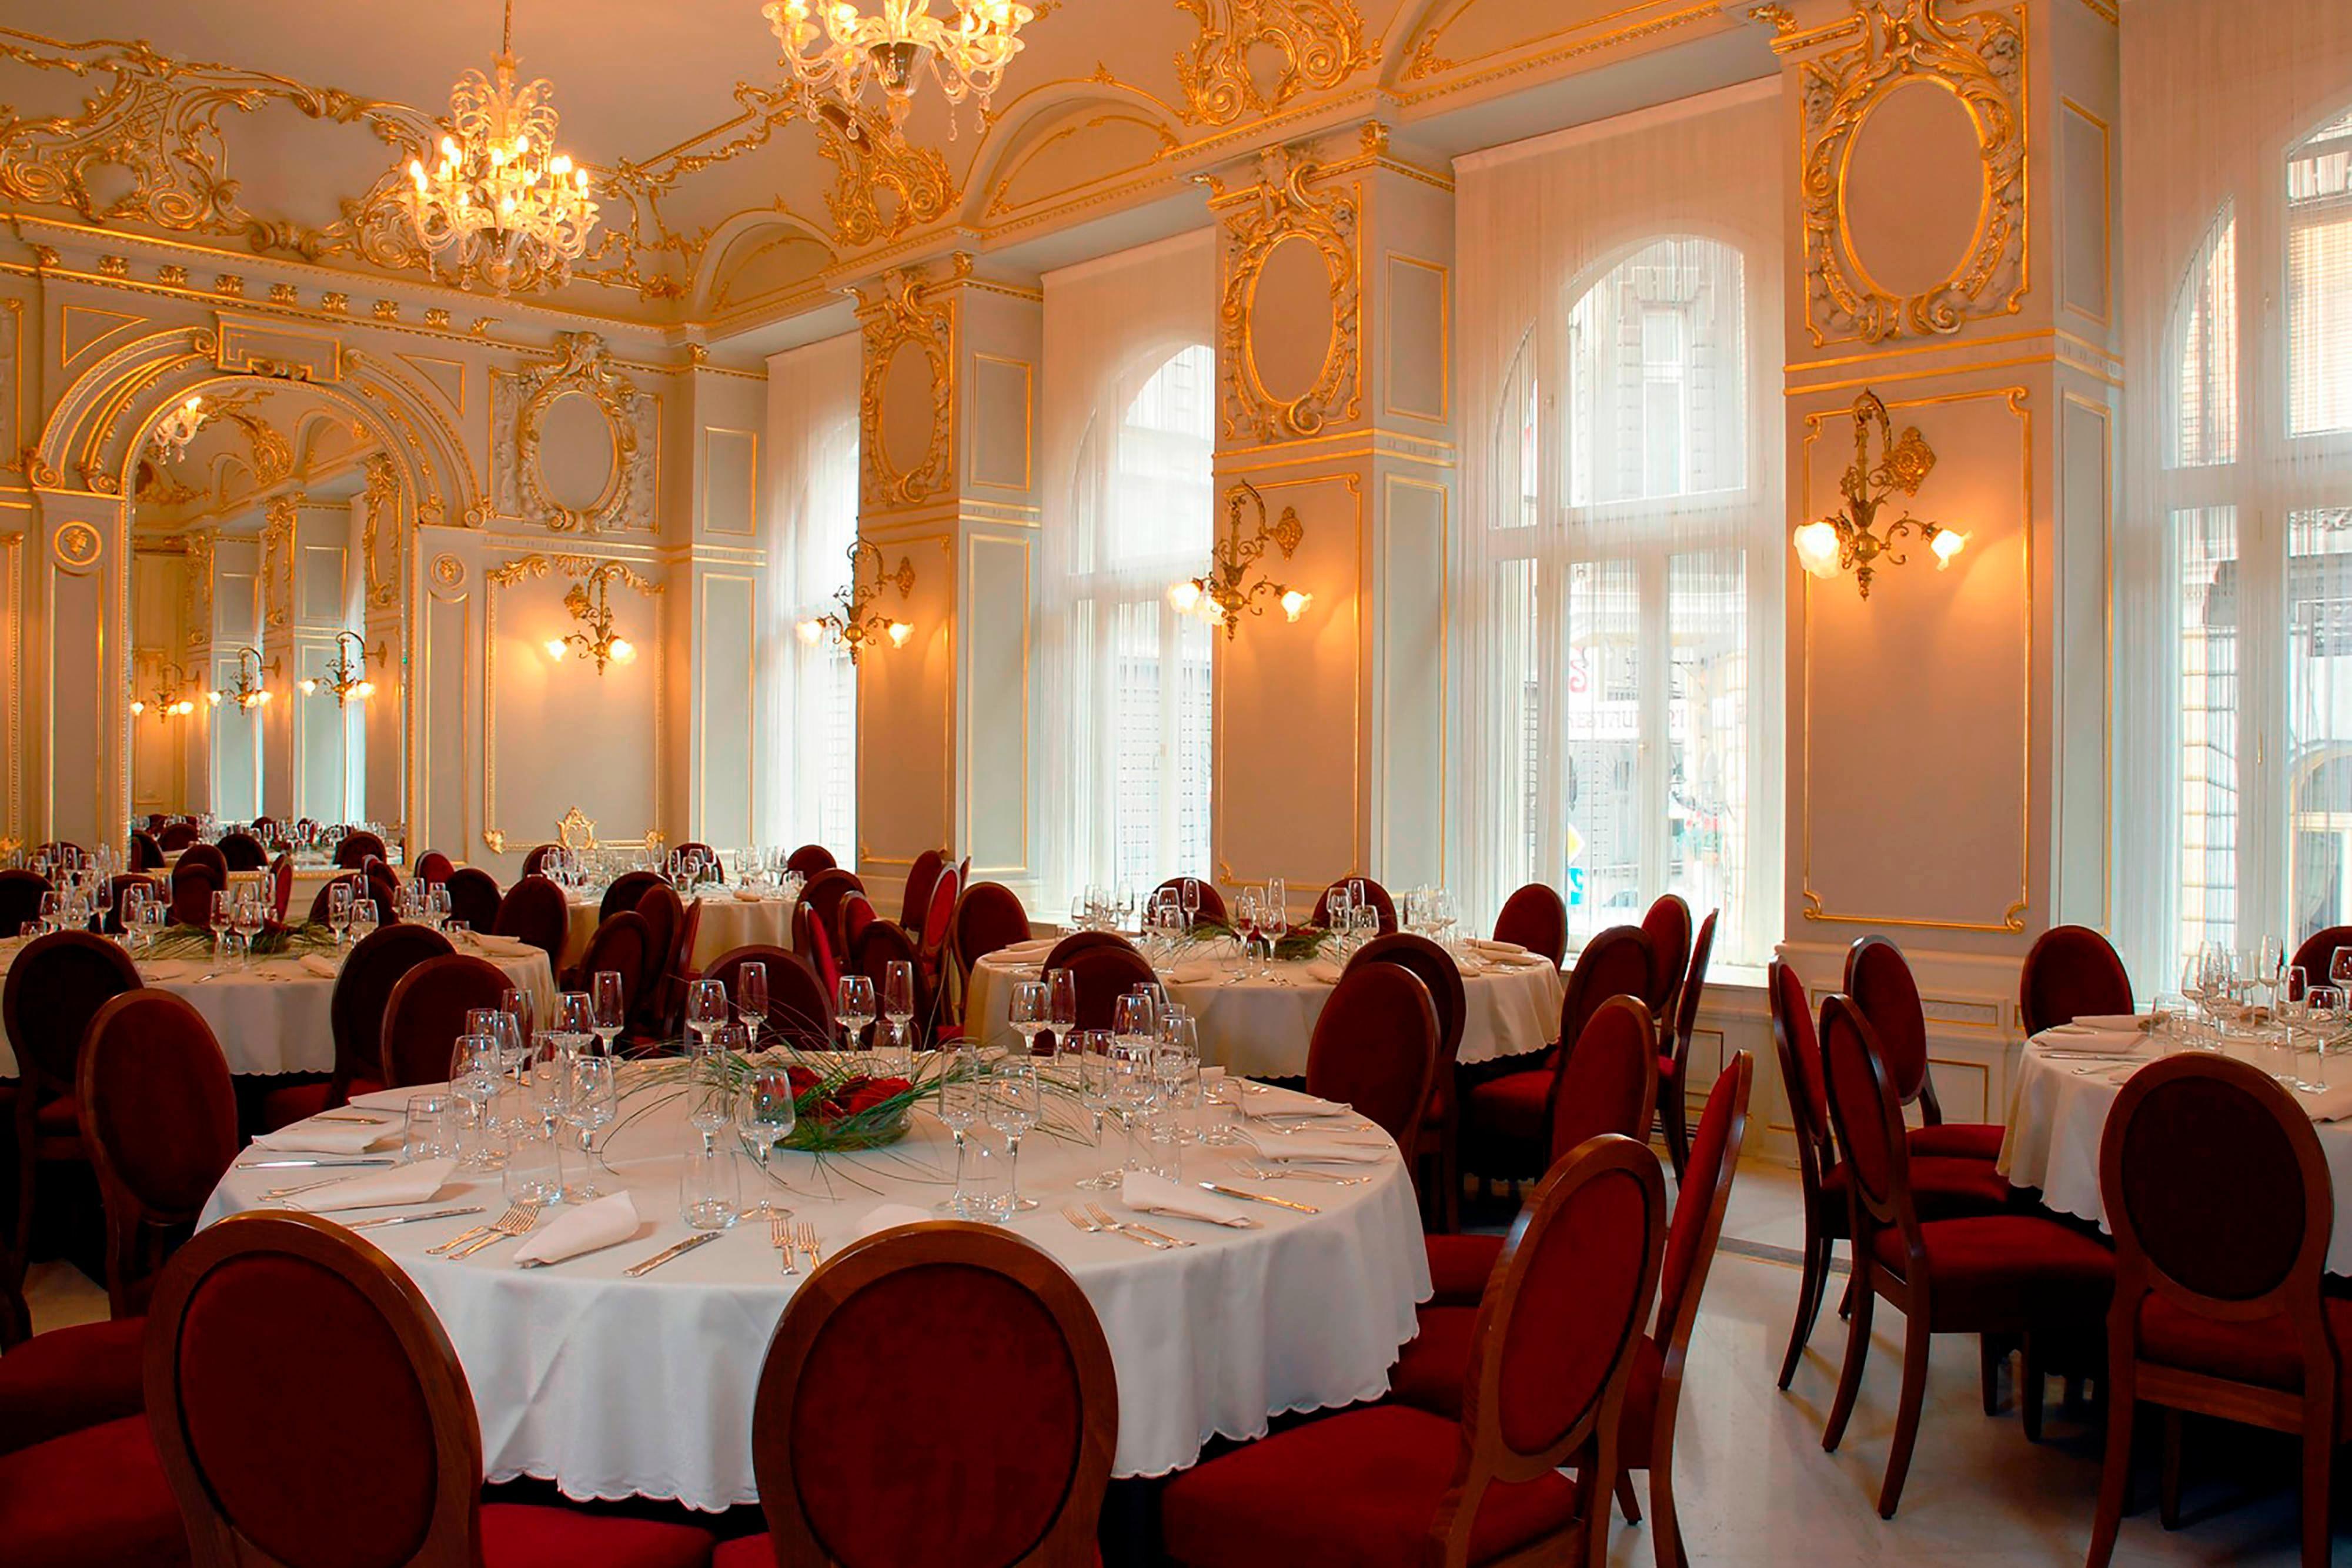 Restaurant-Veranstaltungsort für Gruppen in Hotel in Budapest